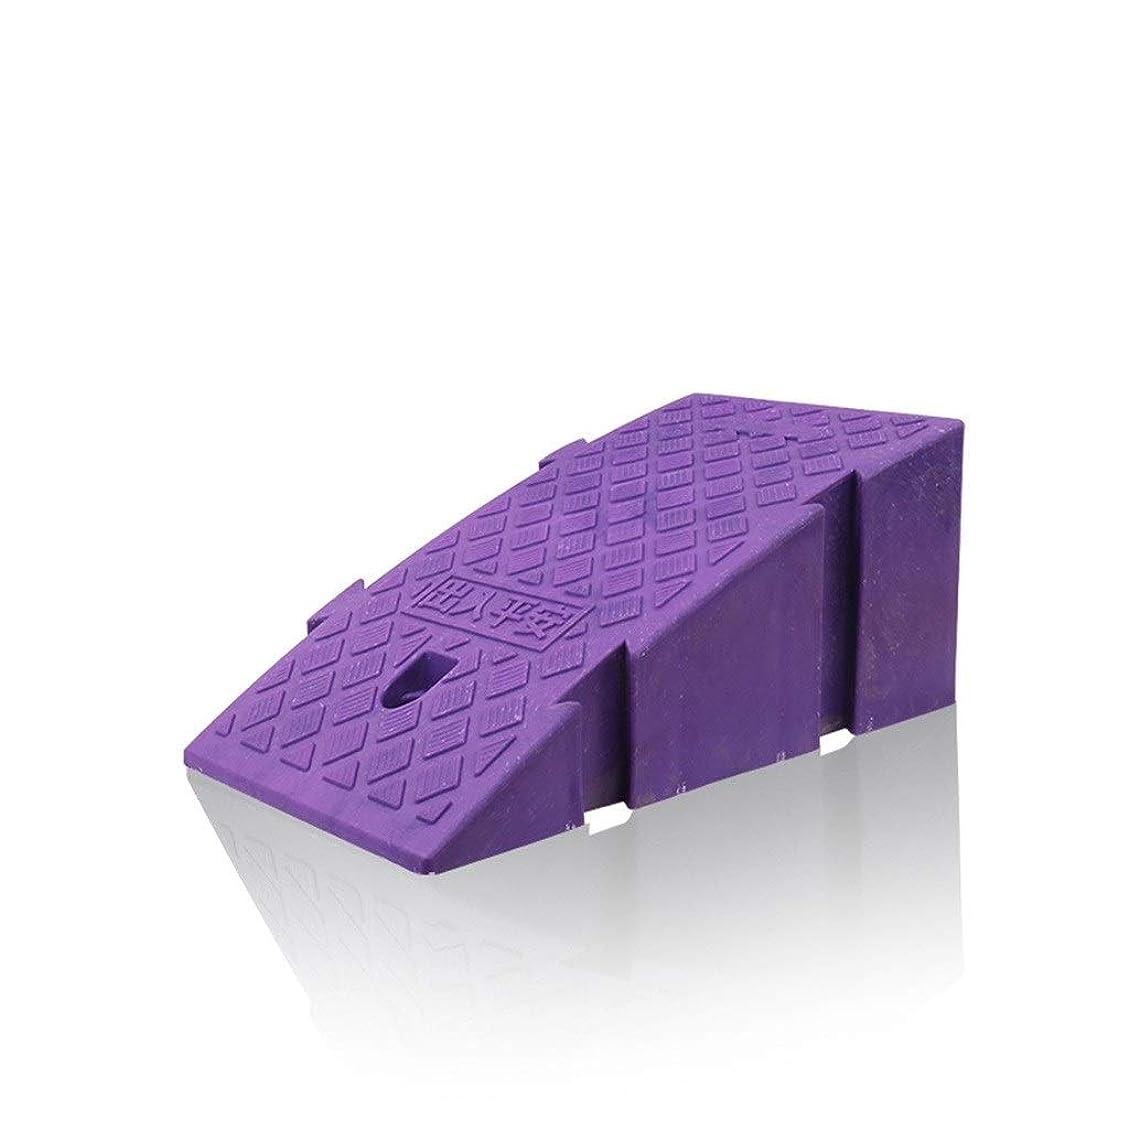 愛撫タクシーオーガニックサービス傾斜路、プラスチックの厚くなった三角形のパッド店スーパーマーケット車椅子傾斜地家のガレージオートバイの傾斜路 (Color : Purple, Size : 15*45*16CM)